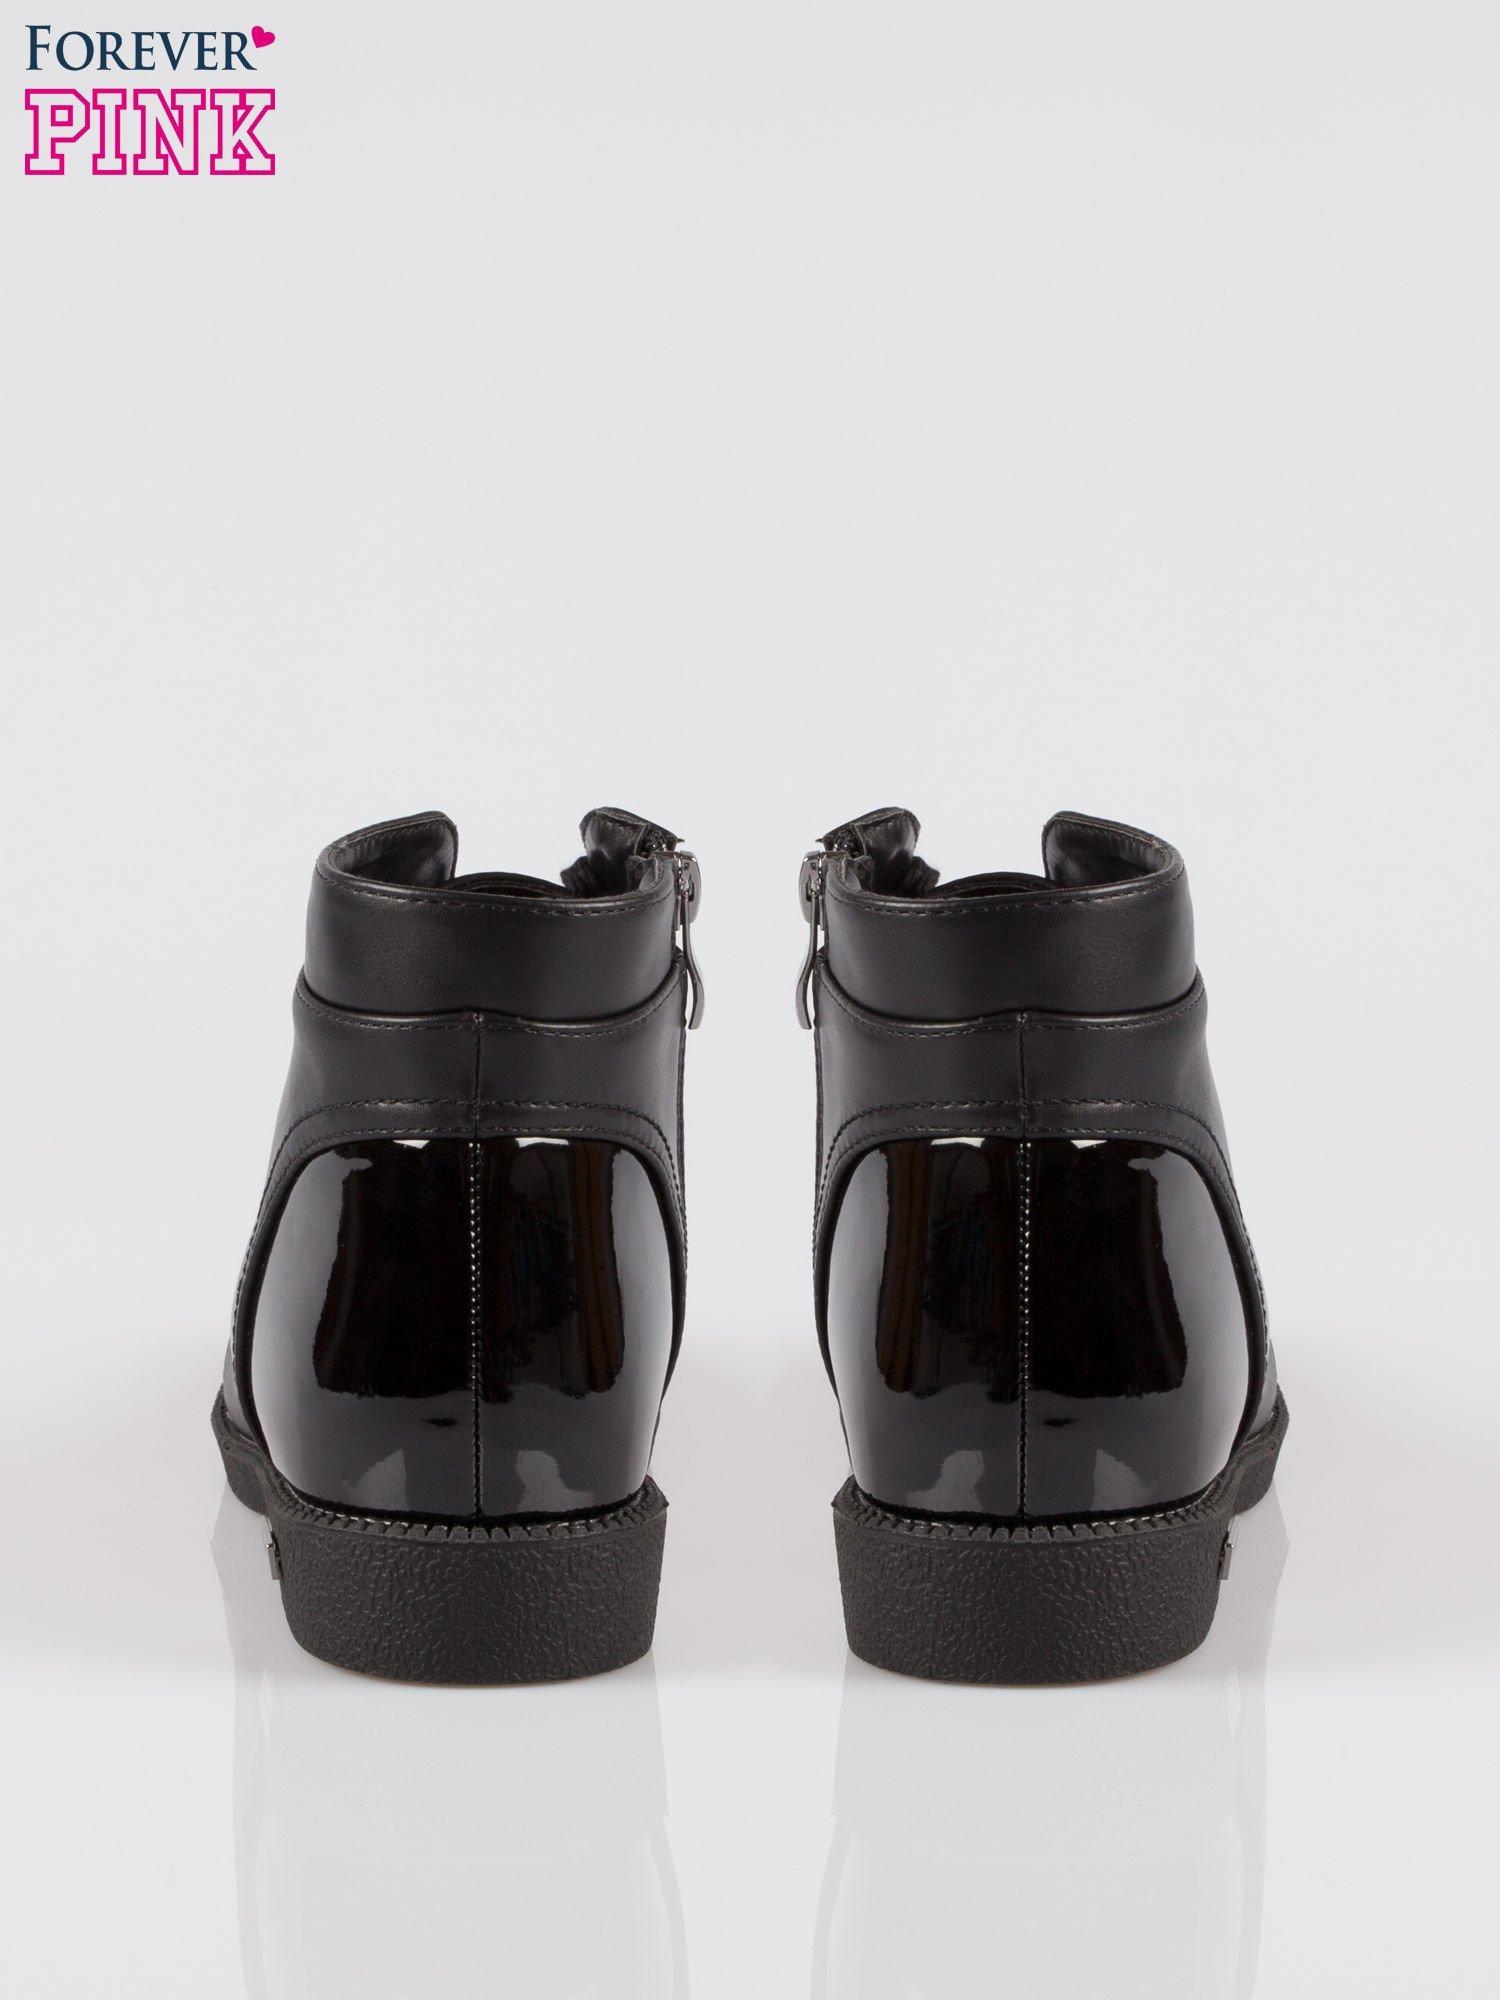 Czarne sznurowane botki damskie white cap toe                                  zdj.                                  3